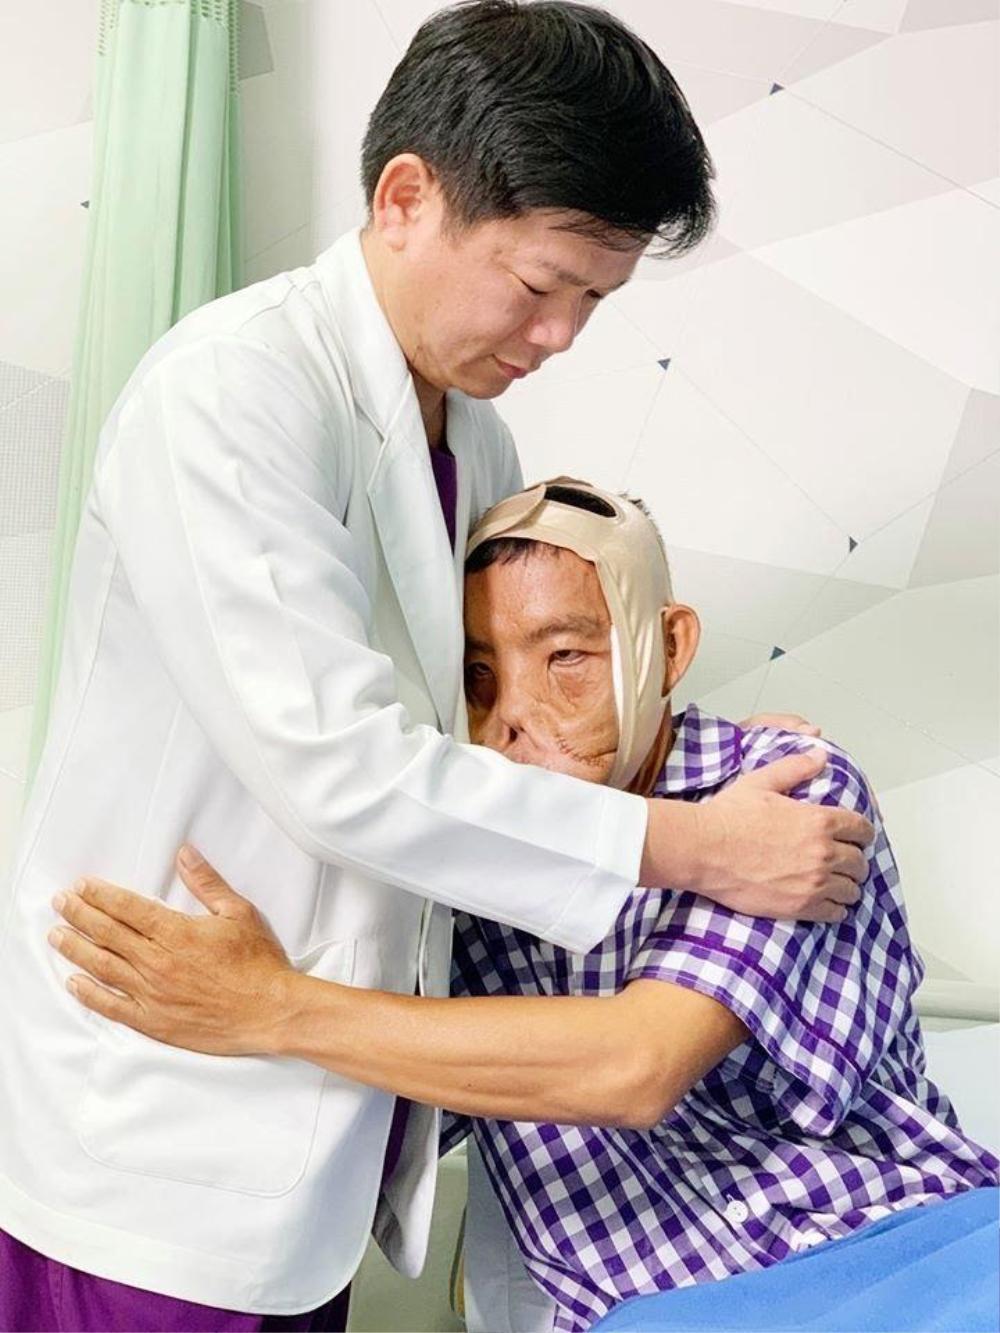 Anh Mến với gương mặt khác lạ, bác sĩ Tú Dung 'trần tình' Ảnh 4